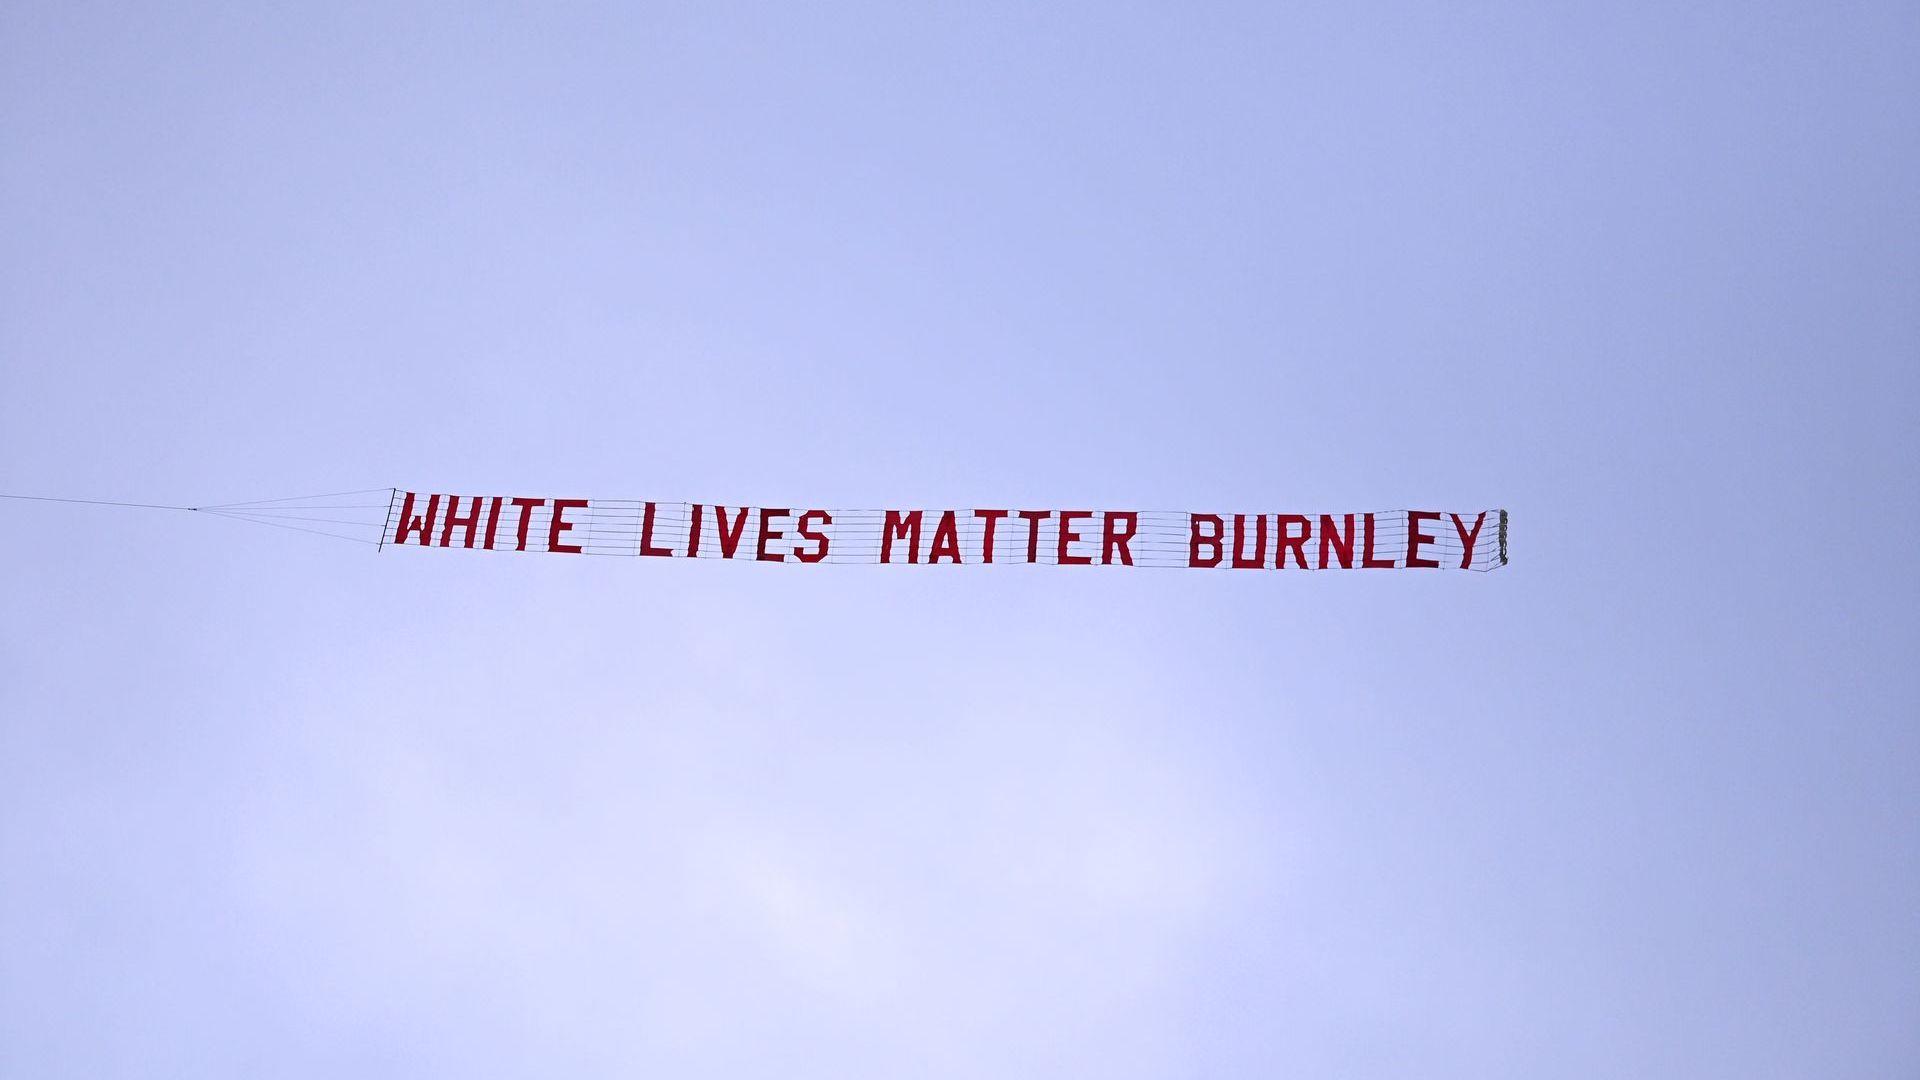 """Послание """"Белите животи имат значение"""" над стадион в Англия разпали скандал"""